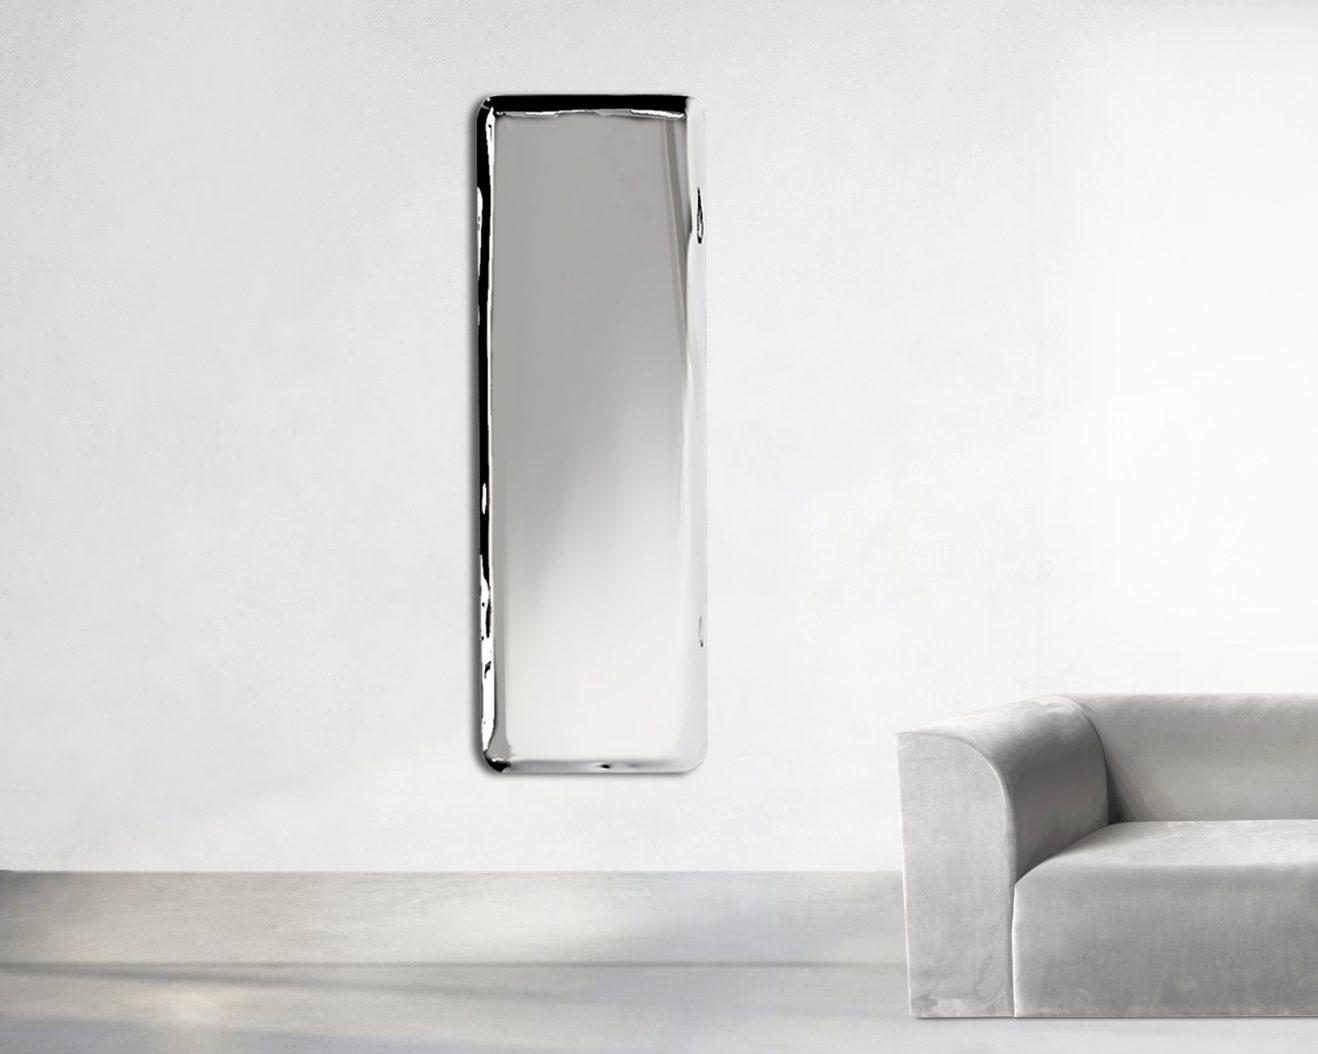 Zieta-Q1-Mirror-Savannah-Bay-Gallery